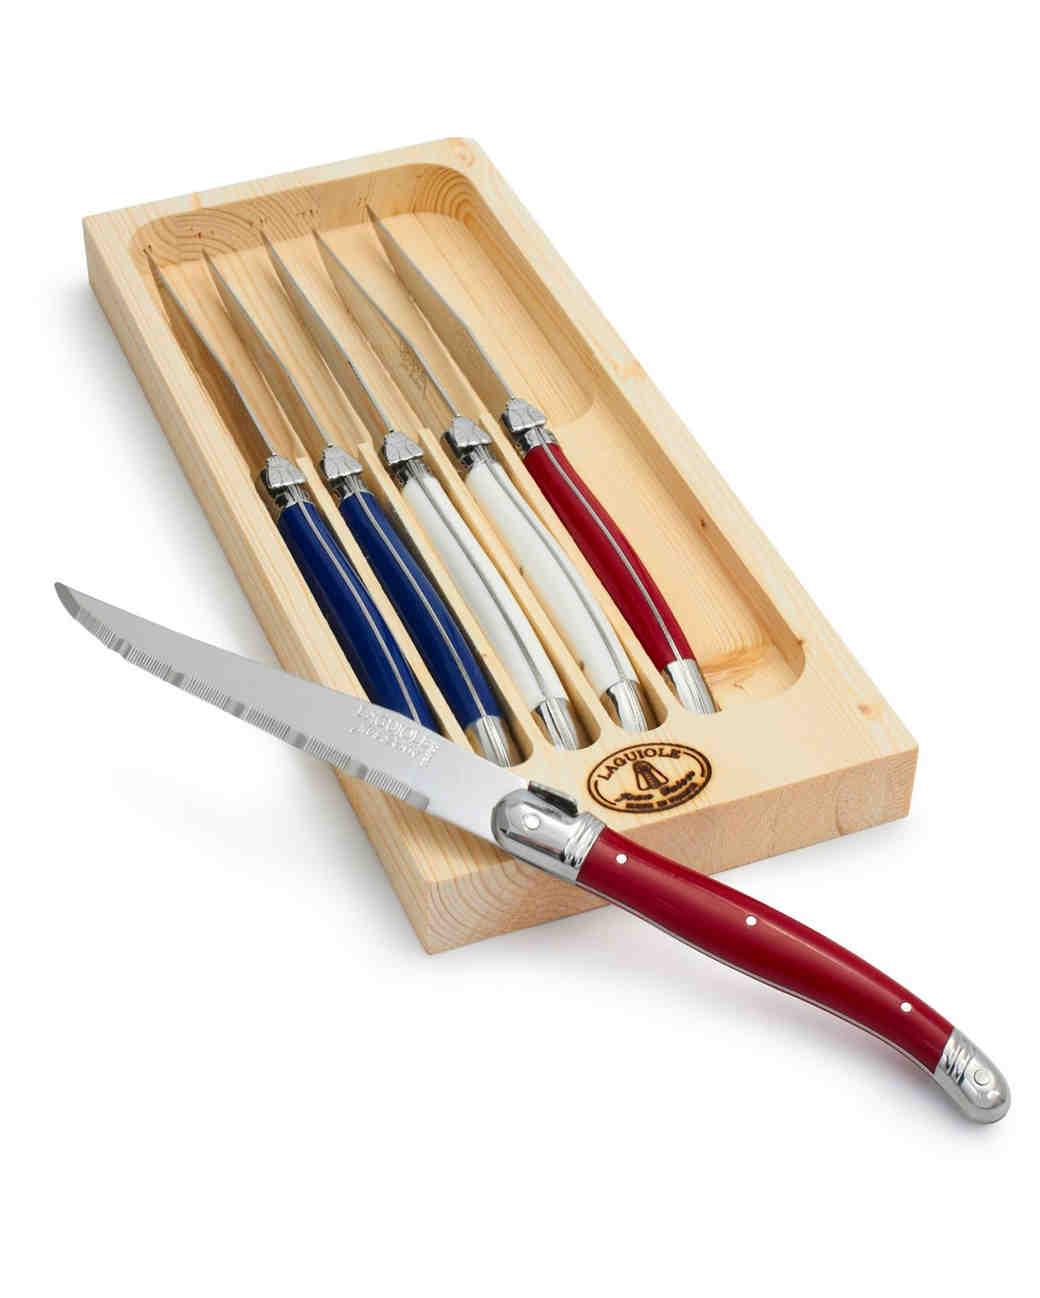 july-fourth-summer-registry-picks-surlatable-knives-0615.jpg